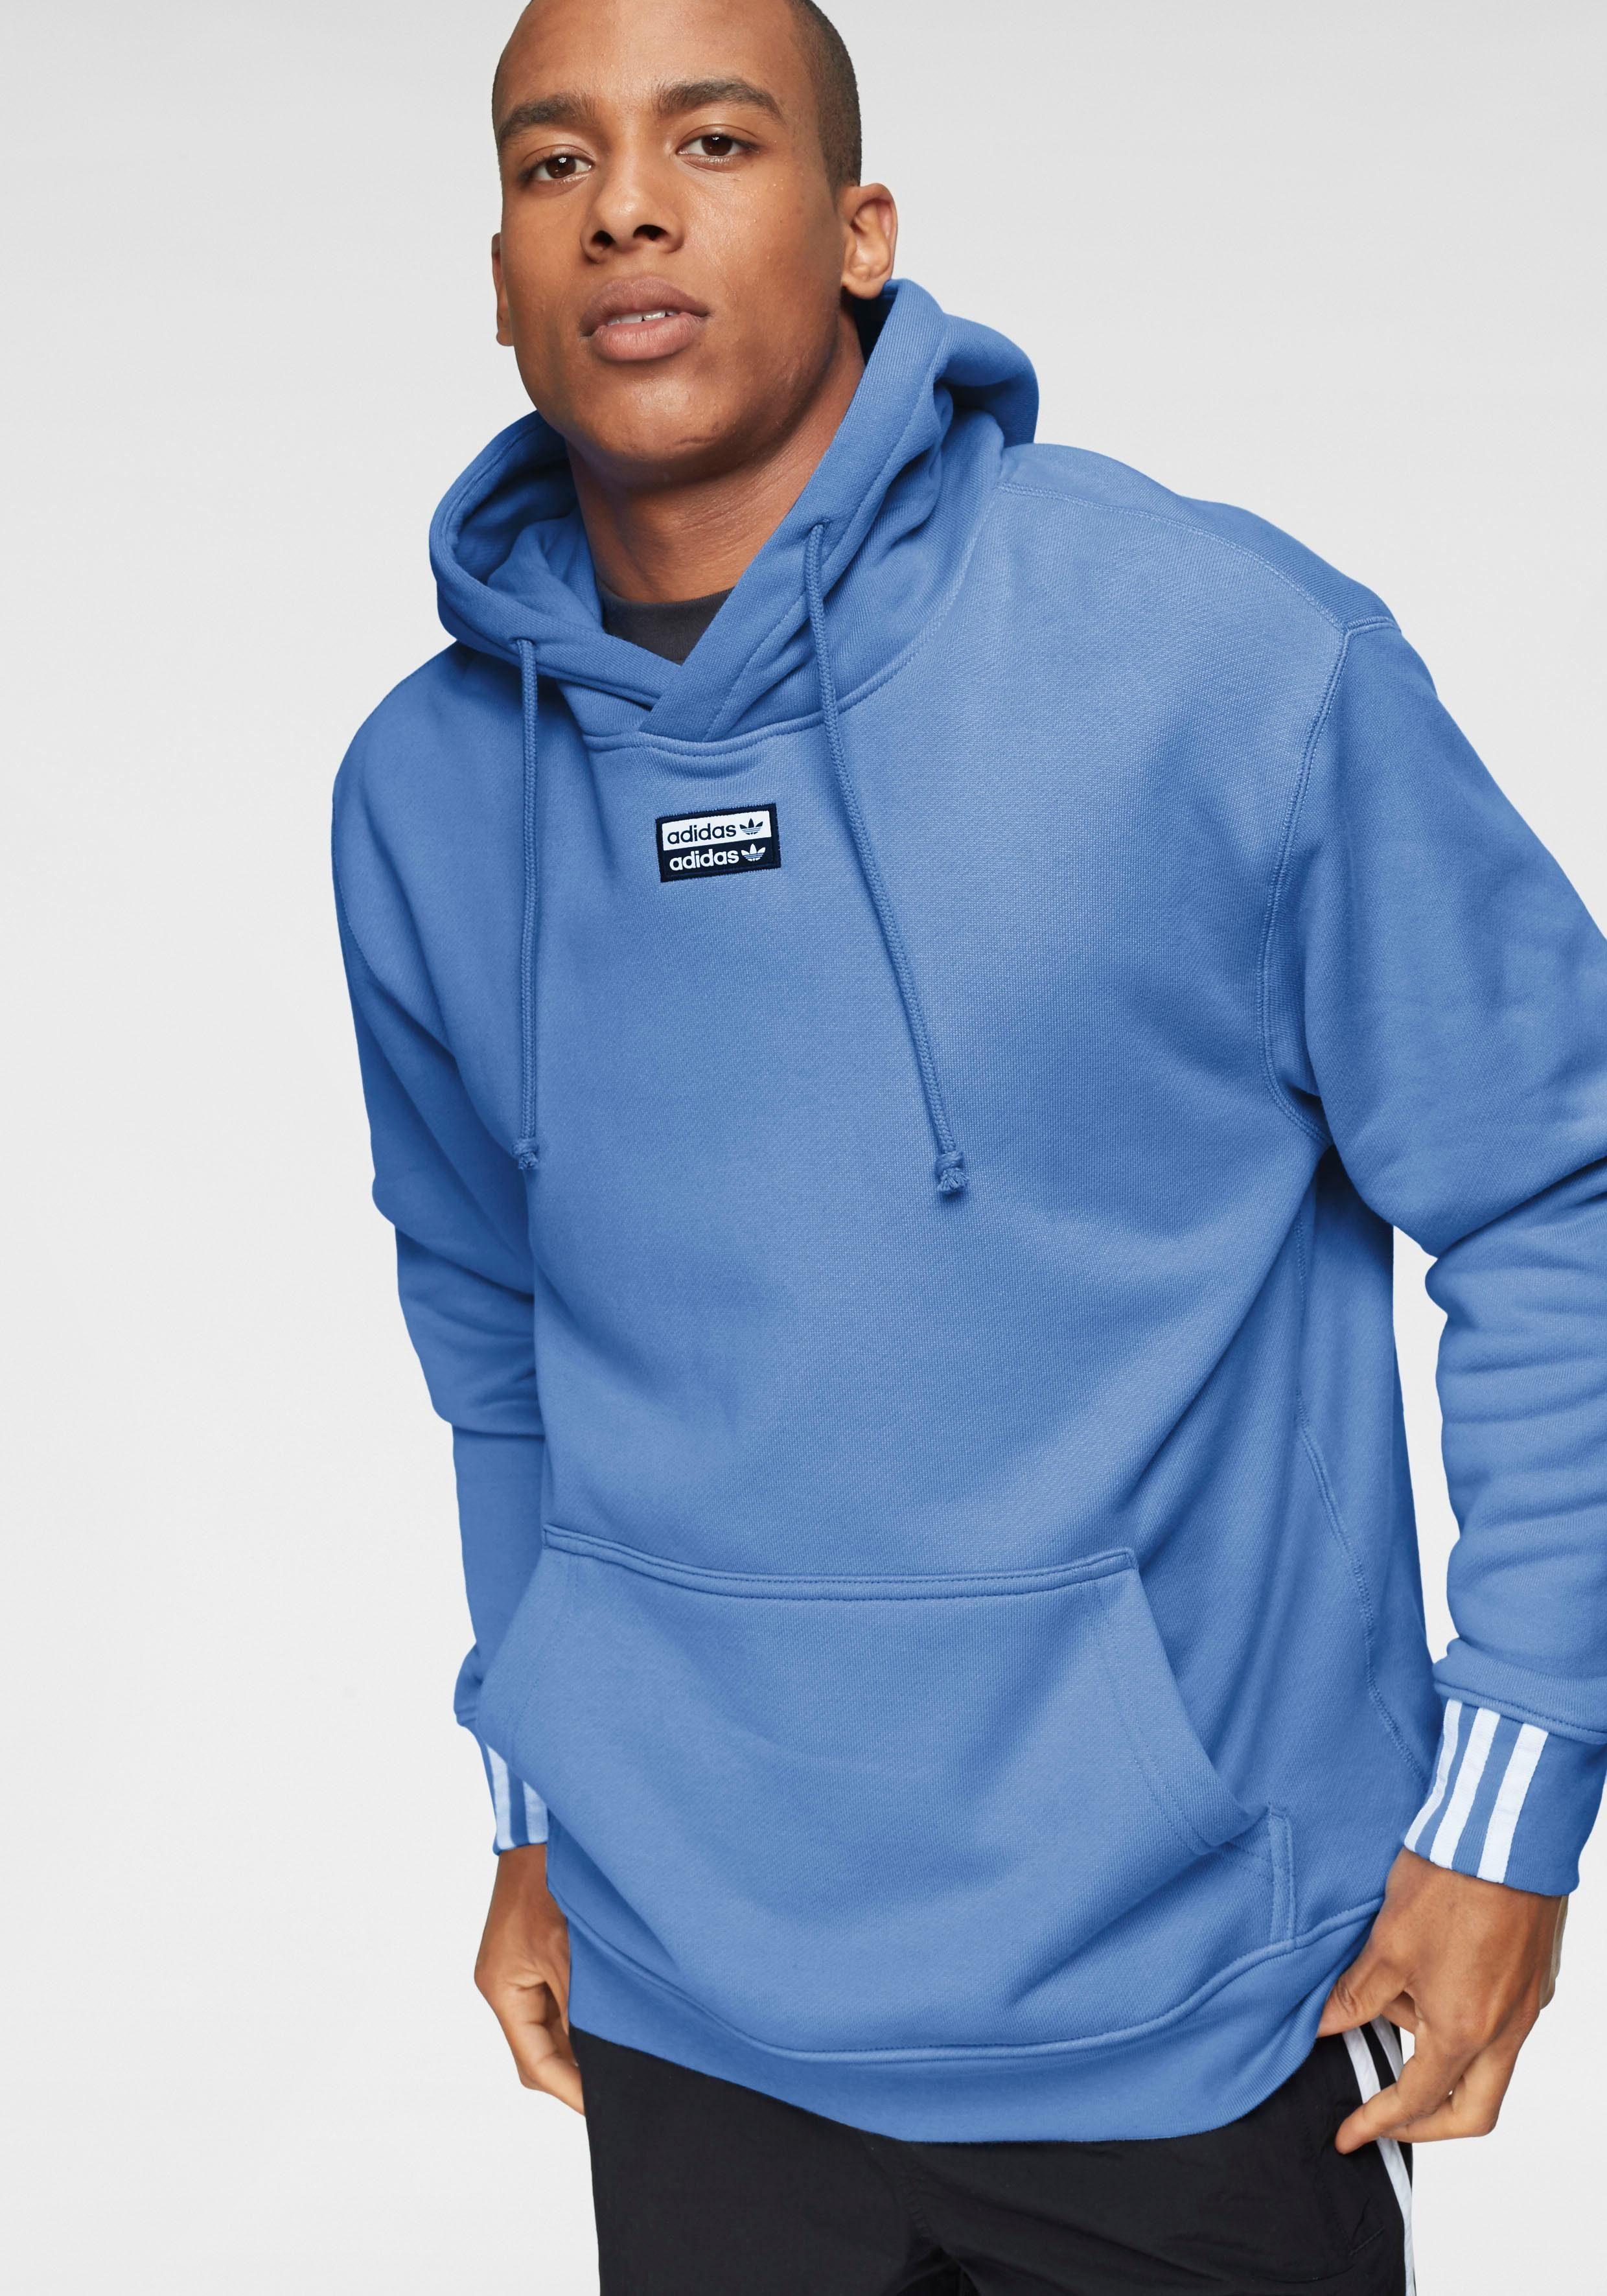 adidas Originals – RYV – Schwarzer Kapuzenpullover mit Print am Rücken